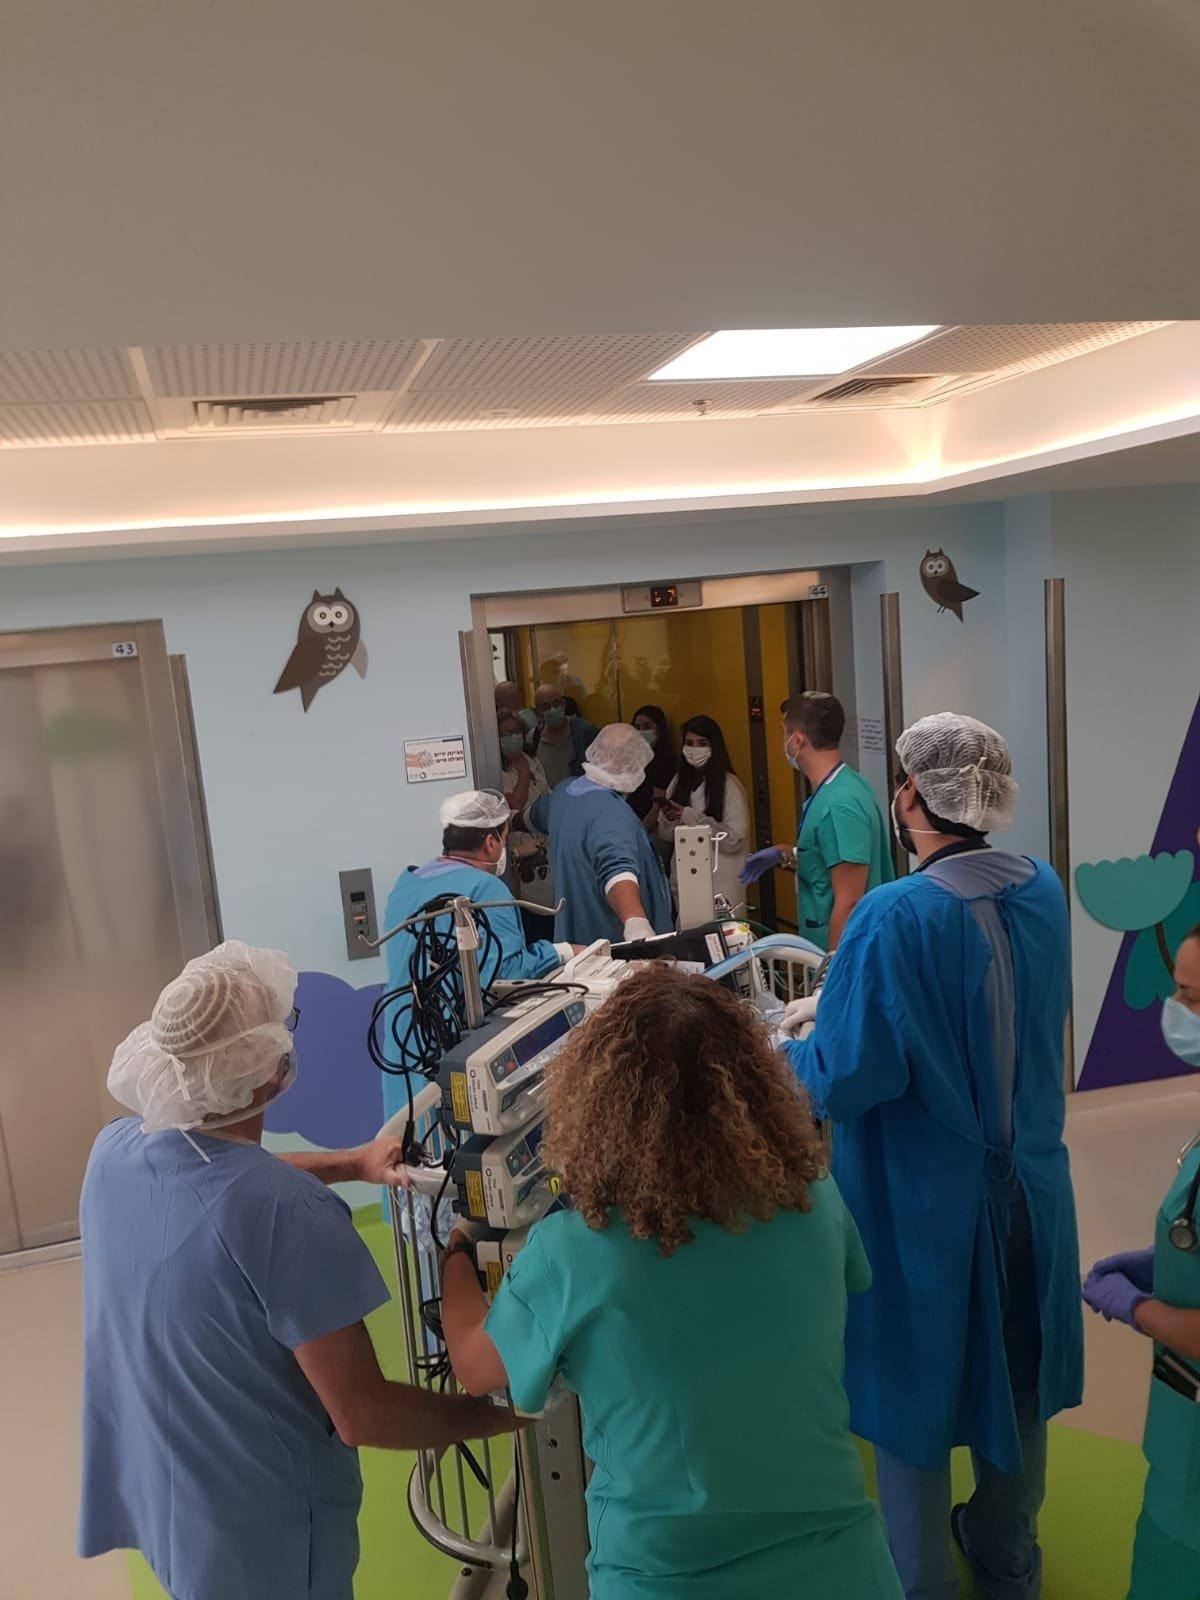 الطفل أبو صالح يخضع لعملية قلب مفتوح لإصابته برصاص خرطوش في القلب